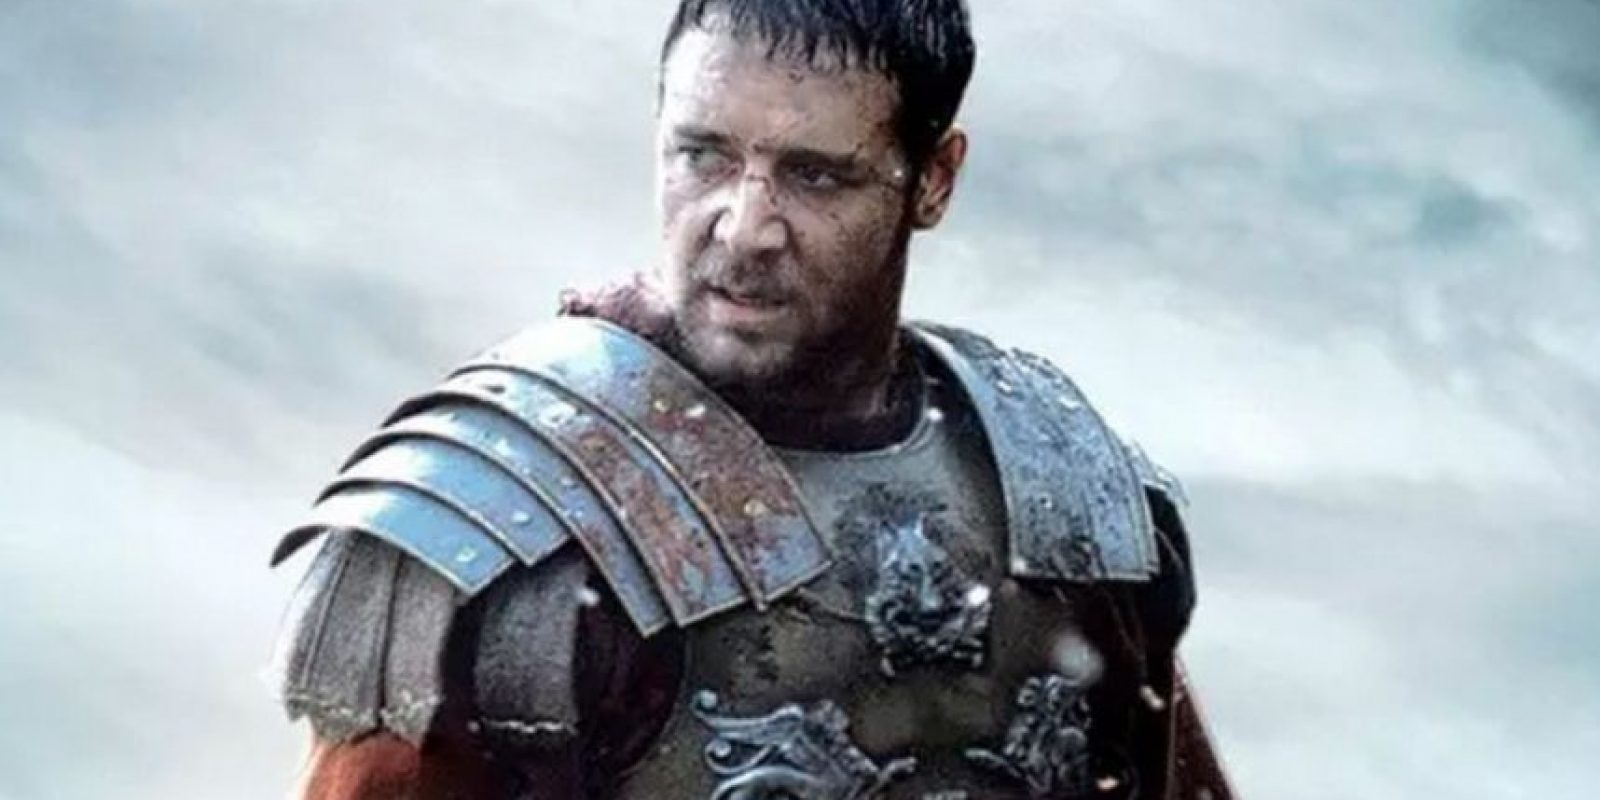 """""""Gladiator"""" es una película épica del género péplum estrenada en el año 2000. Ganó cinco Oscar en la 73ª edición de la Academia estadounidense entre los que se destaca el de mejor película y mejor actor. Foto:Scott Free Productions"""